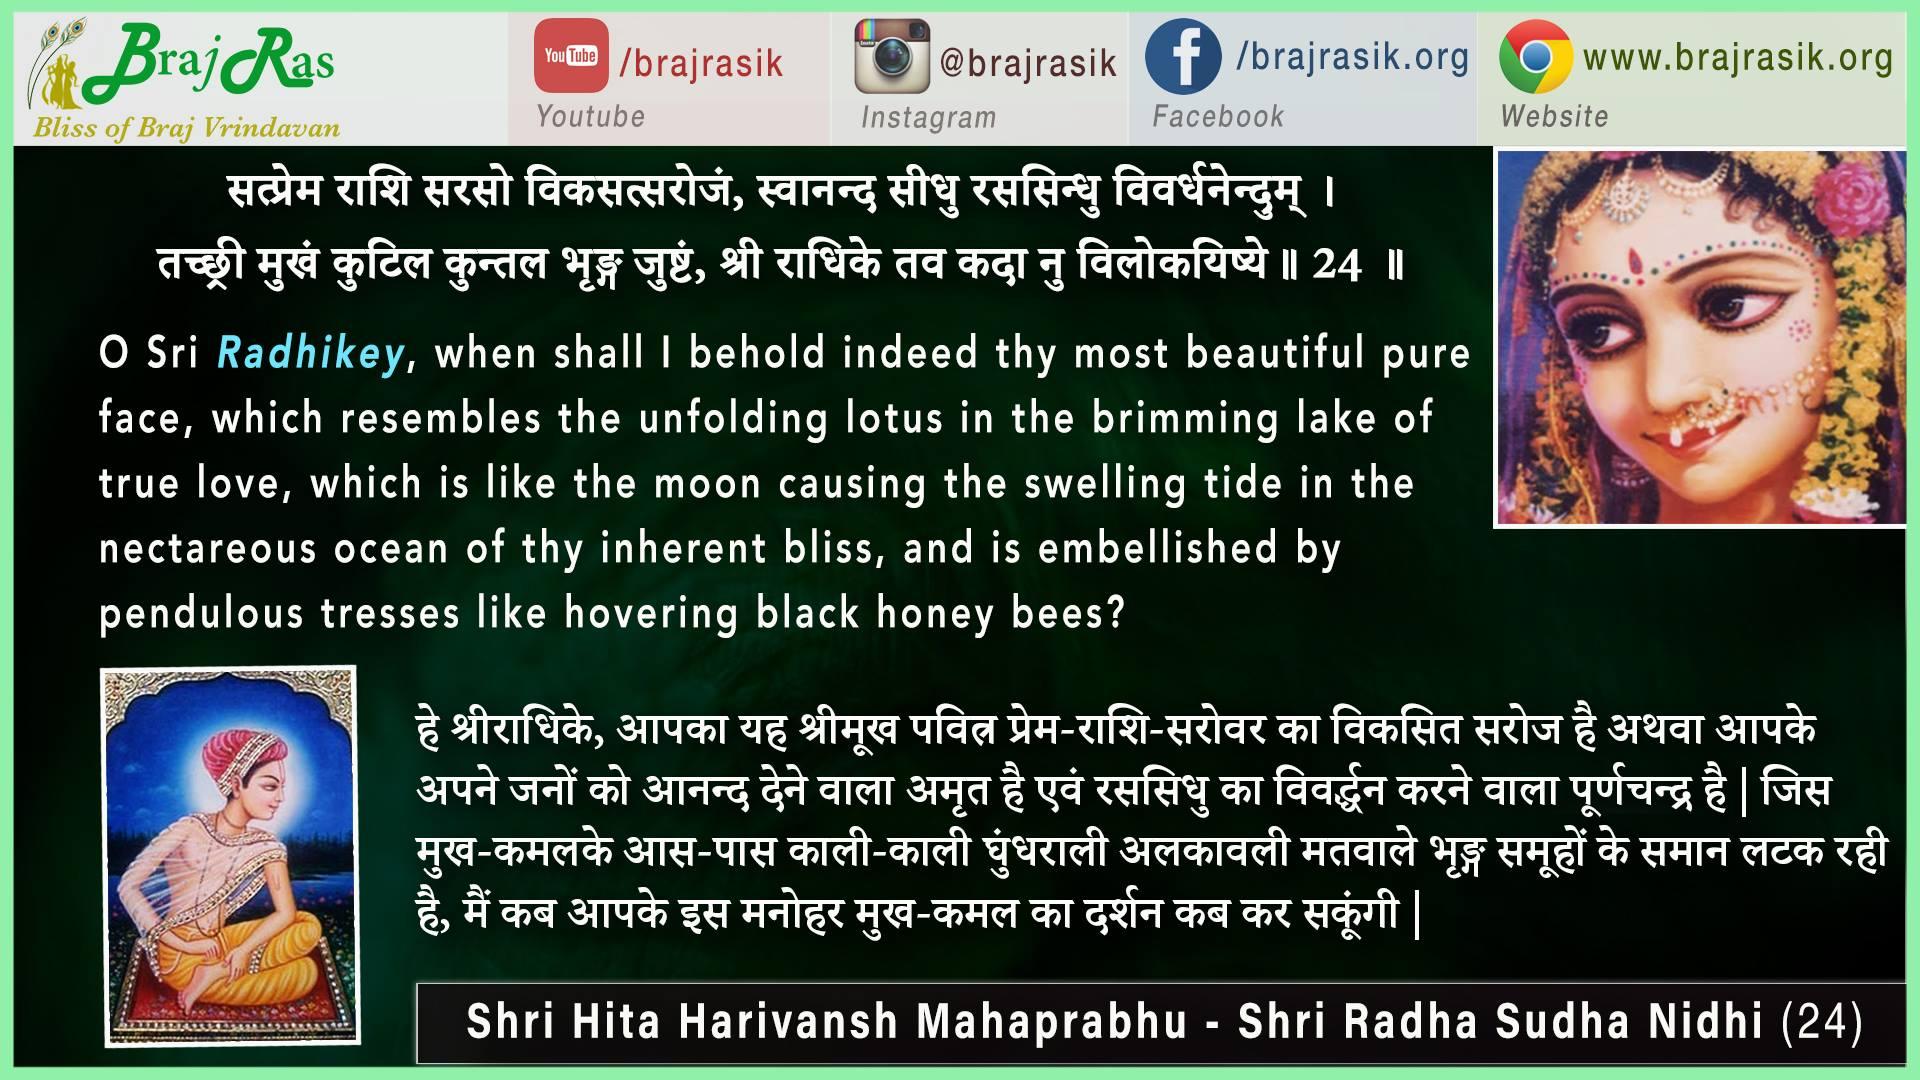 Satprem Rashi Sarso Viksat Sarojam - Shri Hita Harivansh Mahaprabhu - Shri Radha Sudha Nidhi